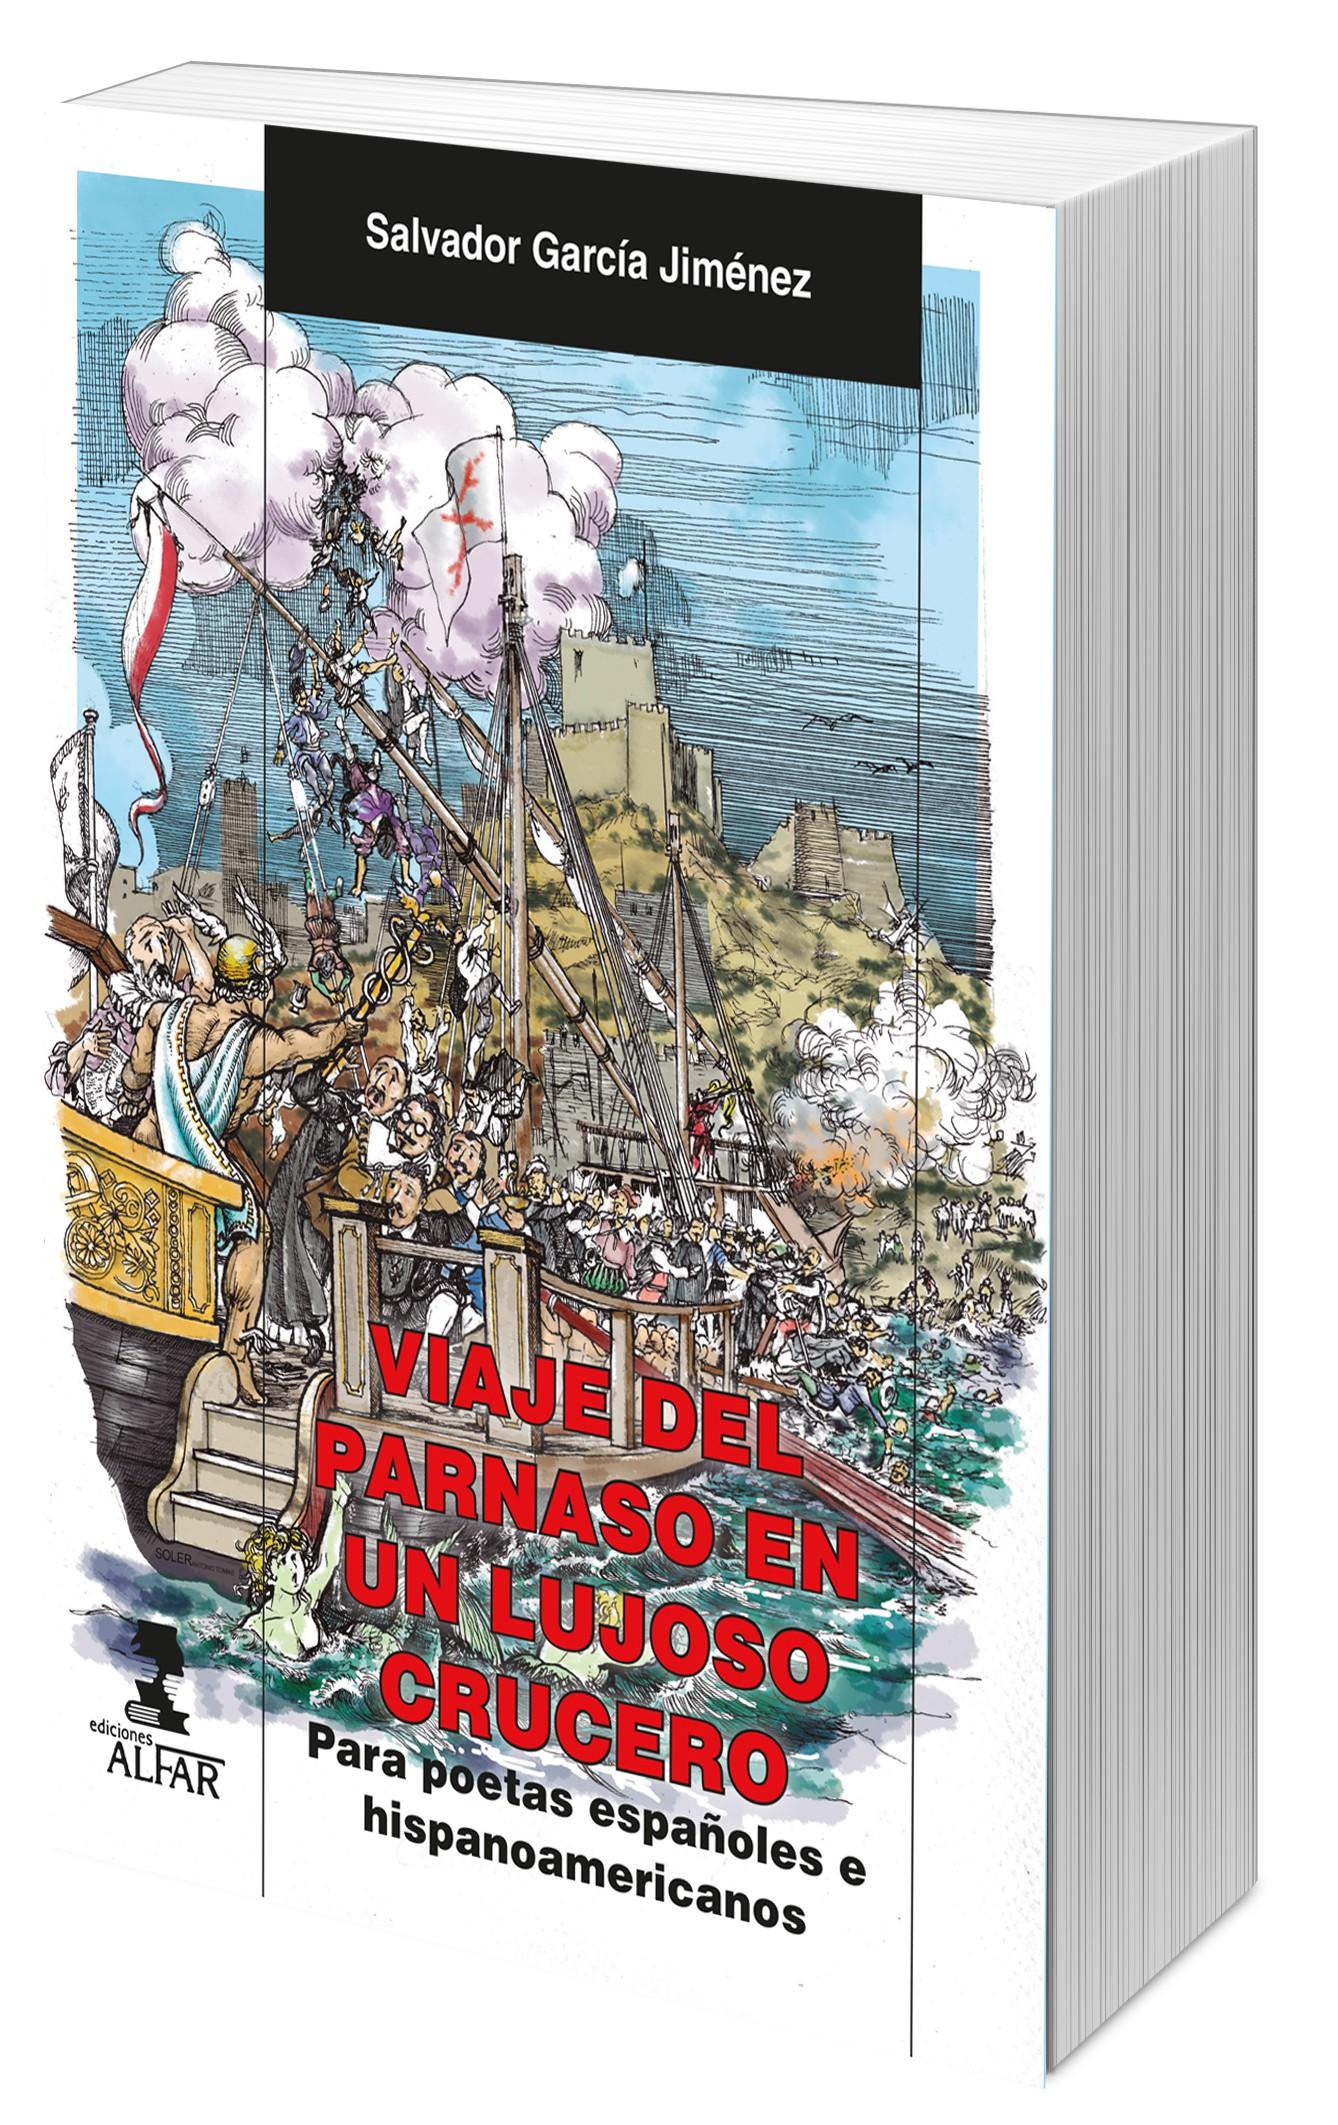 Magnífica entrevista que realiza Juan de Dios García para EL COLOQUIO DE LOS PERROS a Salvador García Jiménez y Viaje del parnaso en un lujoso crucero